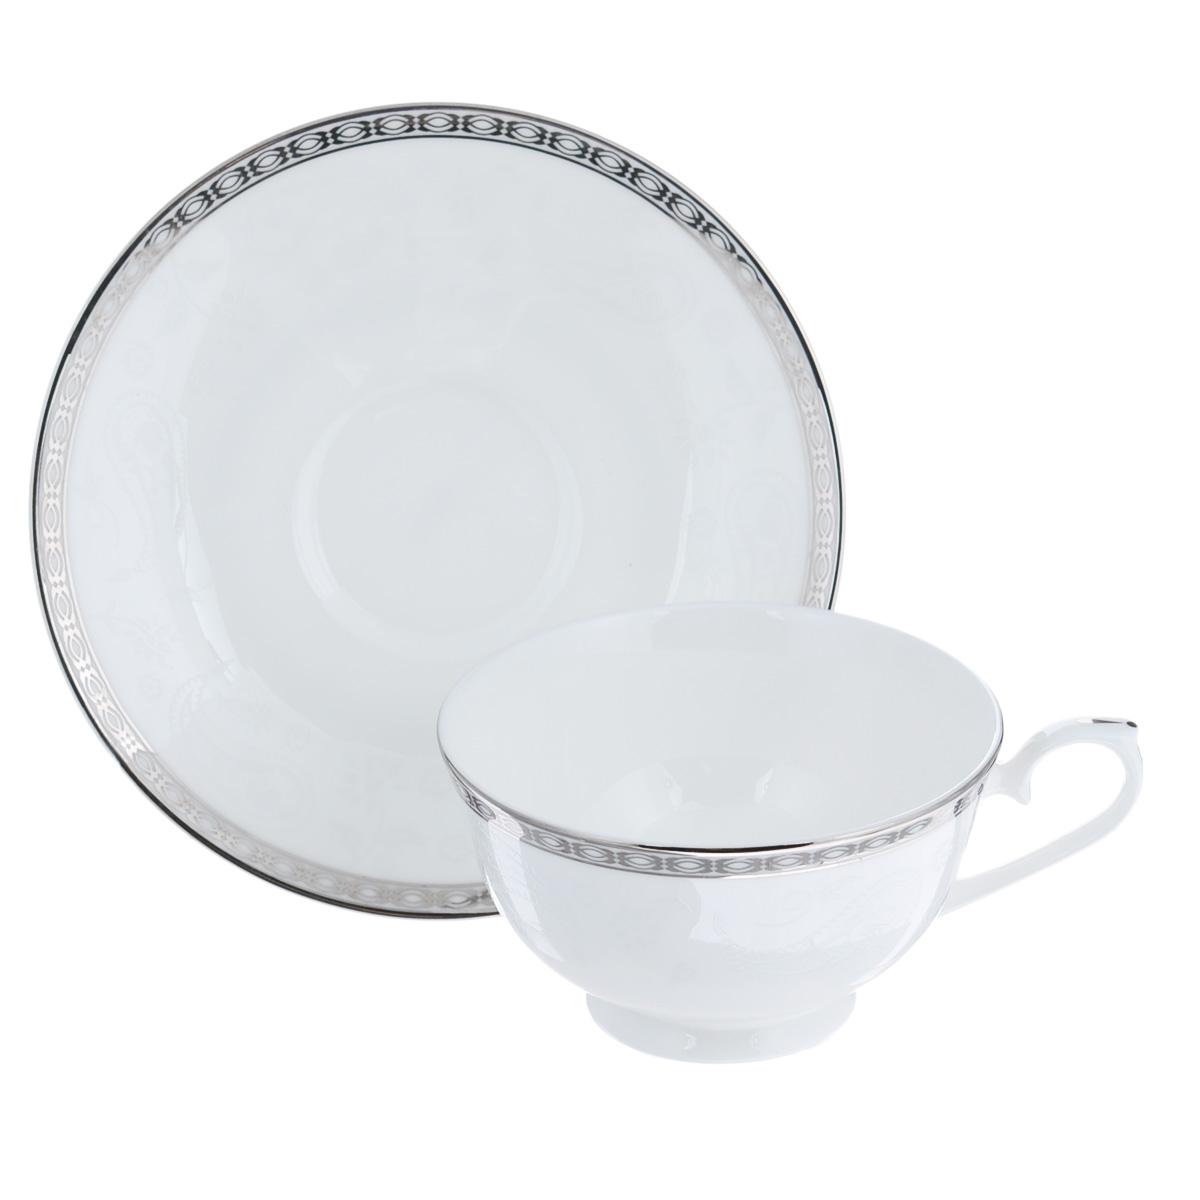 Пара чайная Esprado Arista White, 2 предметаAW10B20E303Набор Esprado Arista White состоит из чашки и блюдца, выполненных из костяного фарфора. Основная составляющая костяного фарфора - костная зола и каолин. От содержания костной золы зависит белизна и прозрачность фарфора, который может содержать до 50% костяной золы. Родина костной золы, из которой производится посуда Esprado, - Великобритания, славящаяся сырьем высокого качества. Каолин, белая глина на основе природного минерала, поступает из Новой Зеландии, одного из наиболее экологически чистых регионов мира. Такое сочетание обеспечивает высокое качество материала и безупречный оттенок слоновой кости. В костяном фарфоре отсутствуют примеси кадмия и свинца, а потому он абсолютно нетоксичен и безопасен. Экологическая глазурь из Японии, высоко ценящаяся во всем мире, которой покрывается готовое изделие, позволяет добиться идеально ровного цвета и кристального блеска. Изделия серии Arista White украшены платиновой деколью. Посуда имеет классическую форму с бортиками....